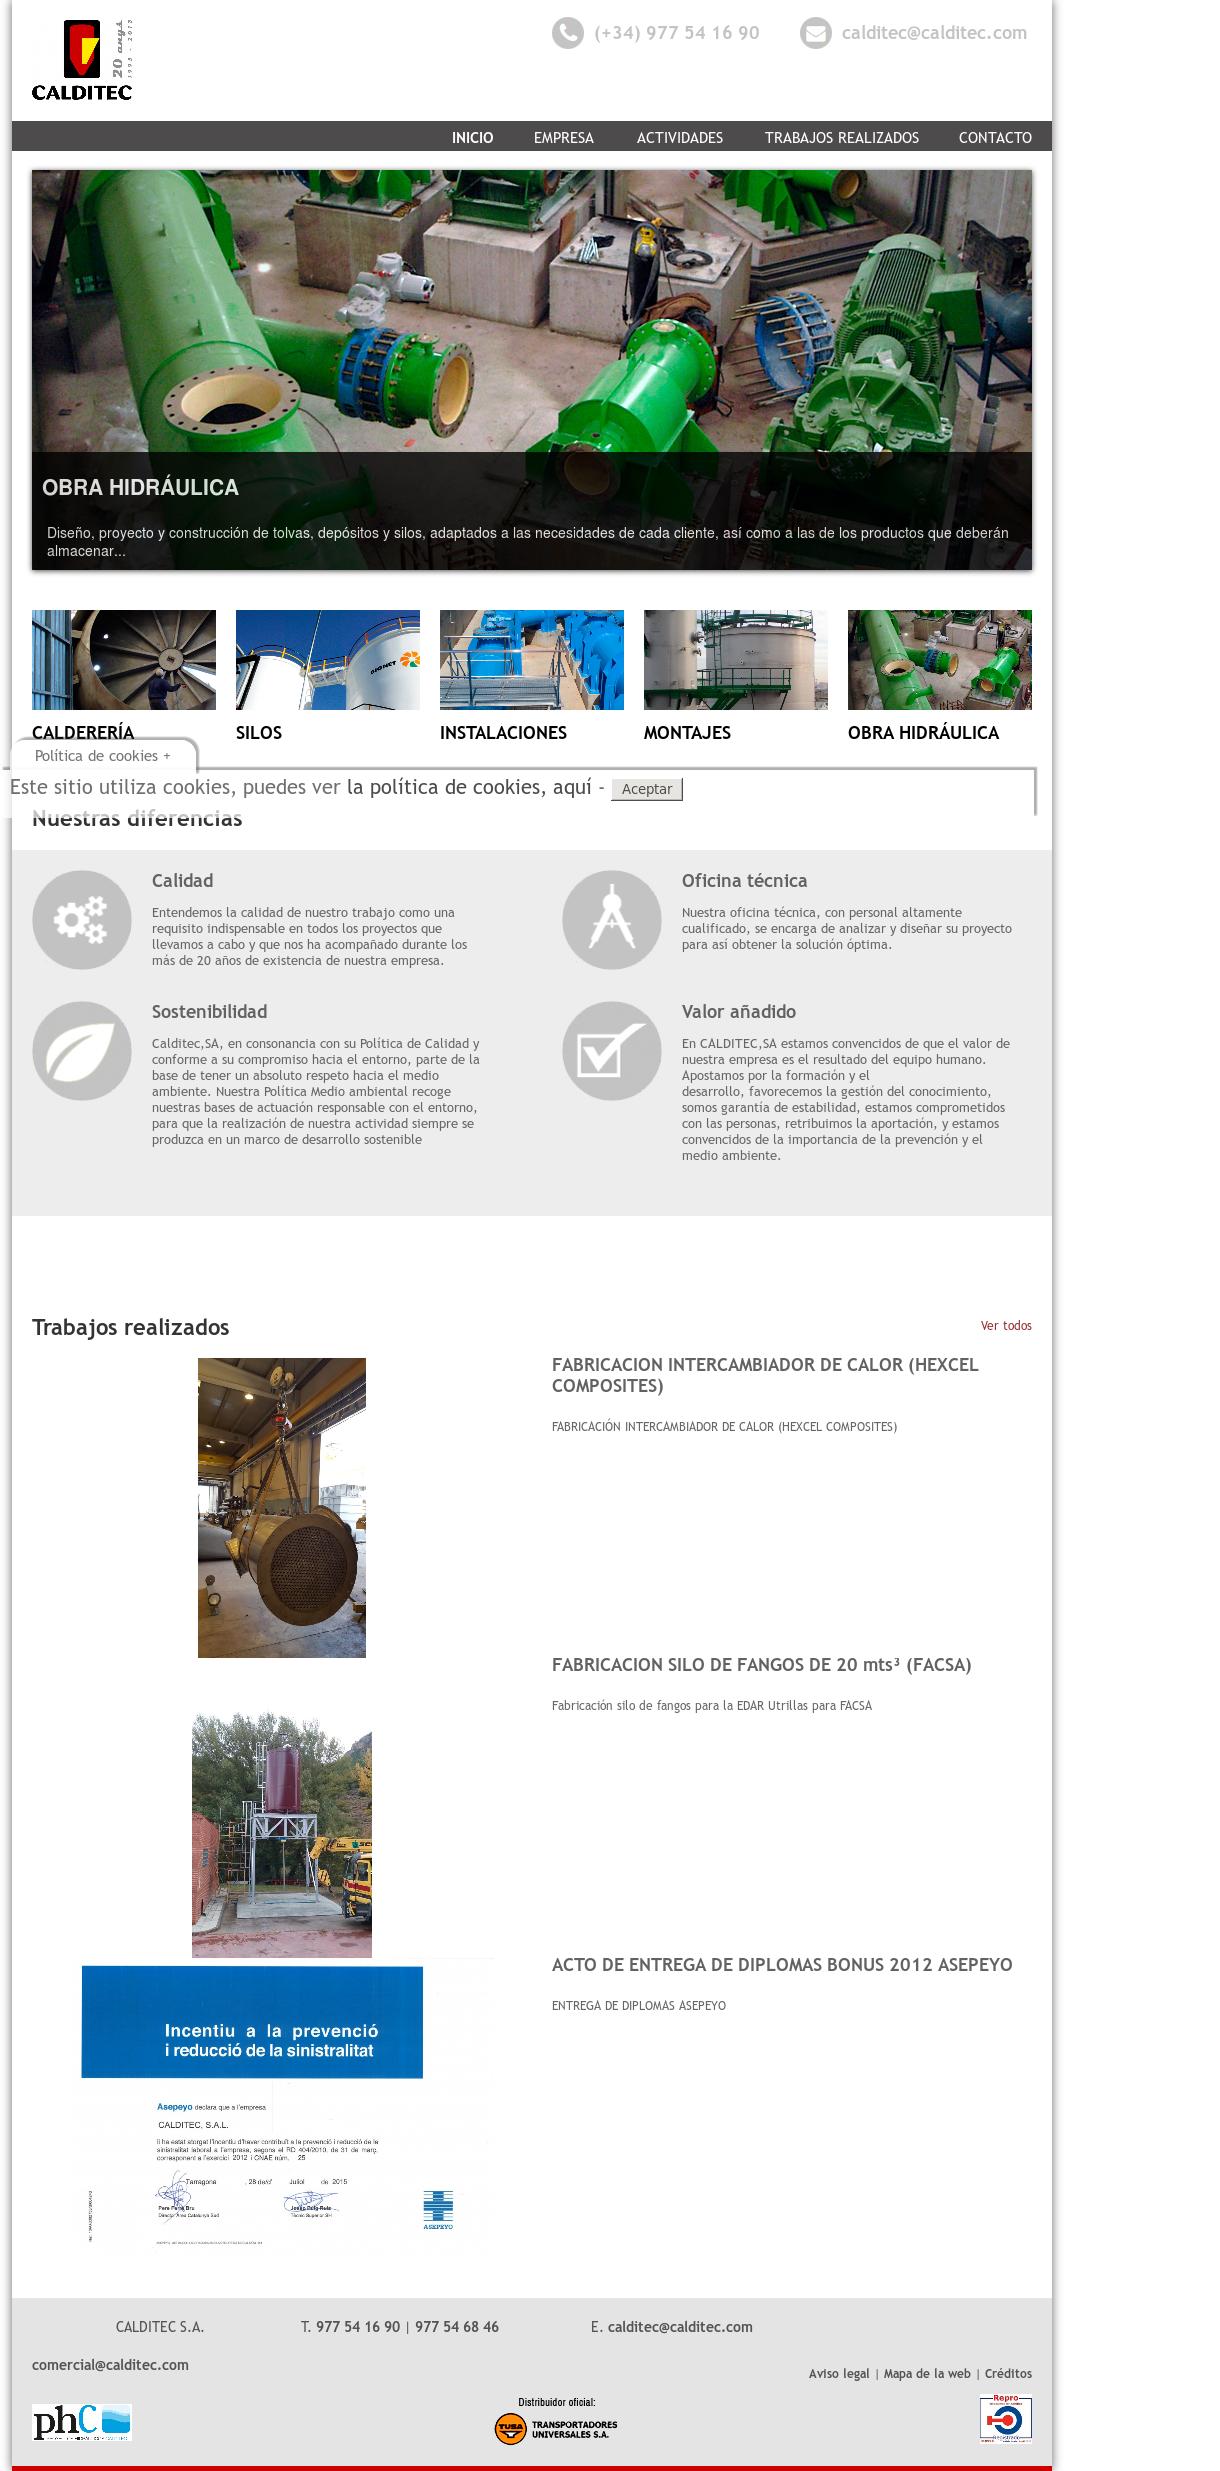 Calditec S A L Competitors Revenue And Employees Owler